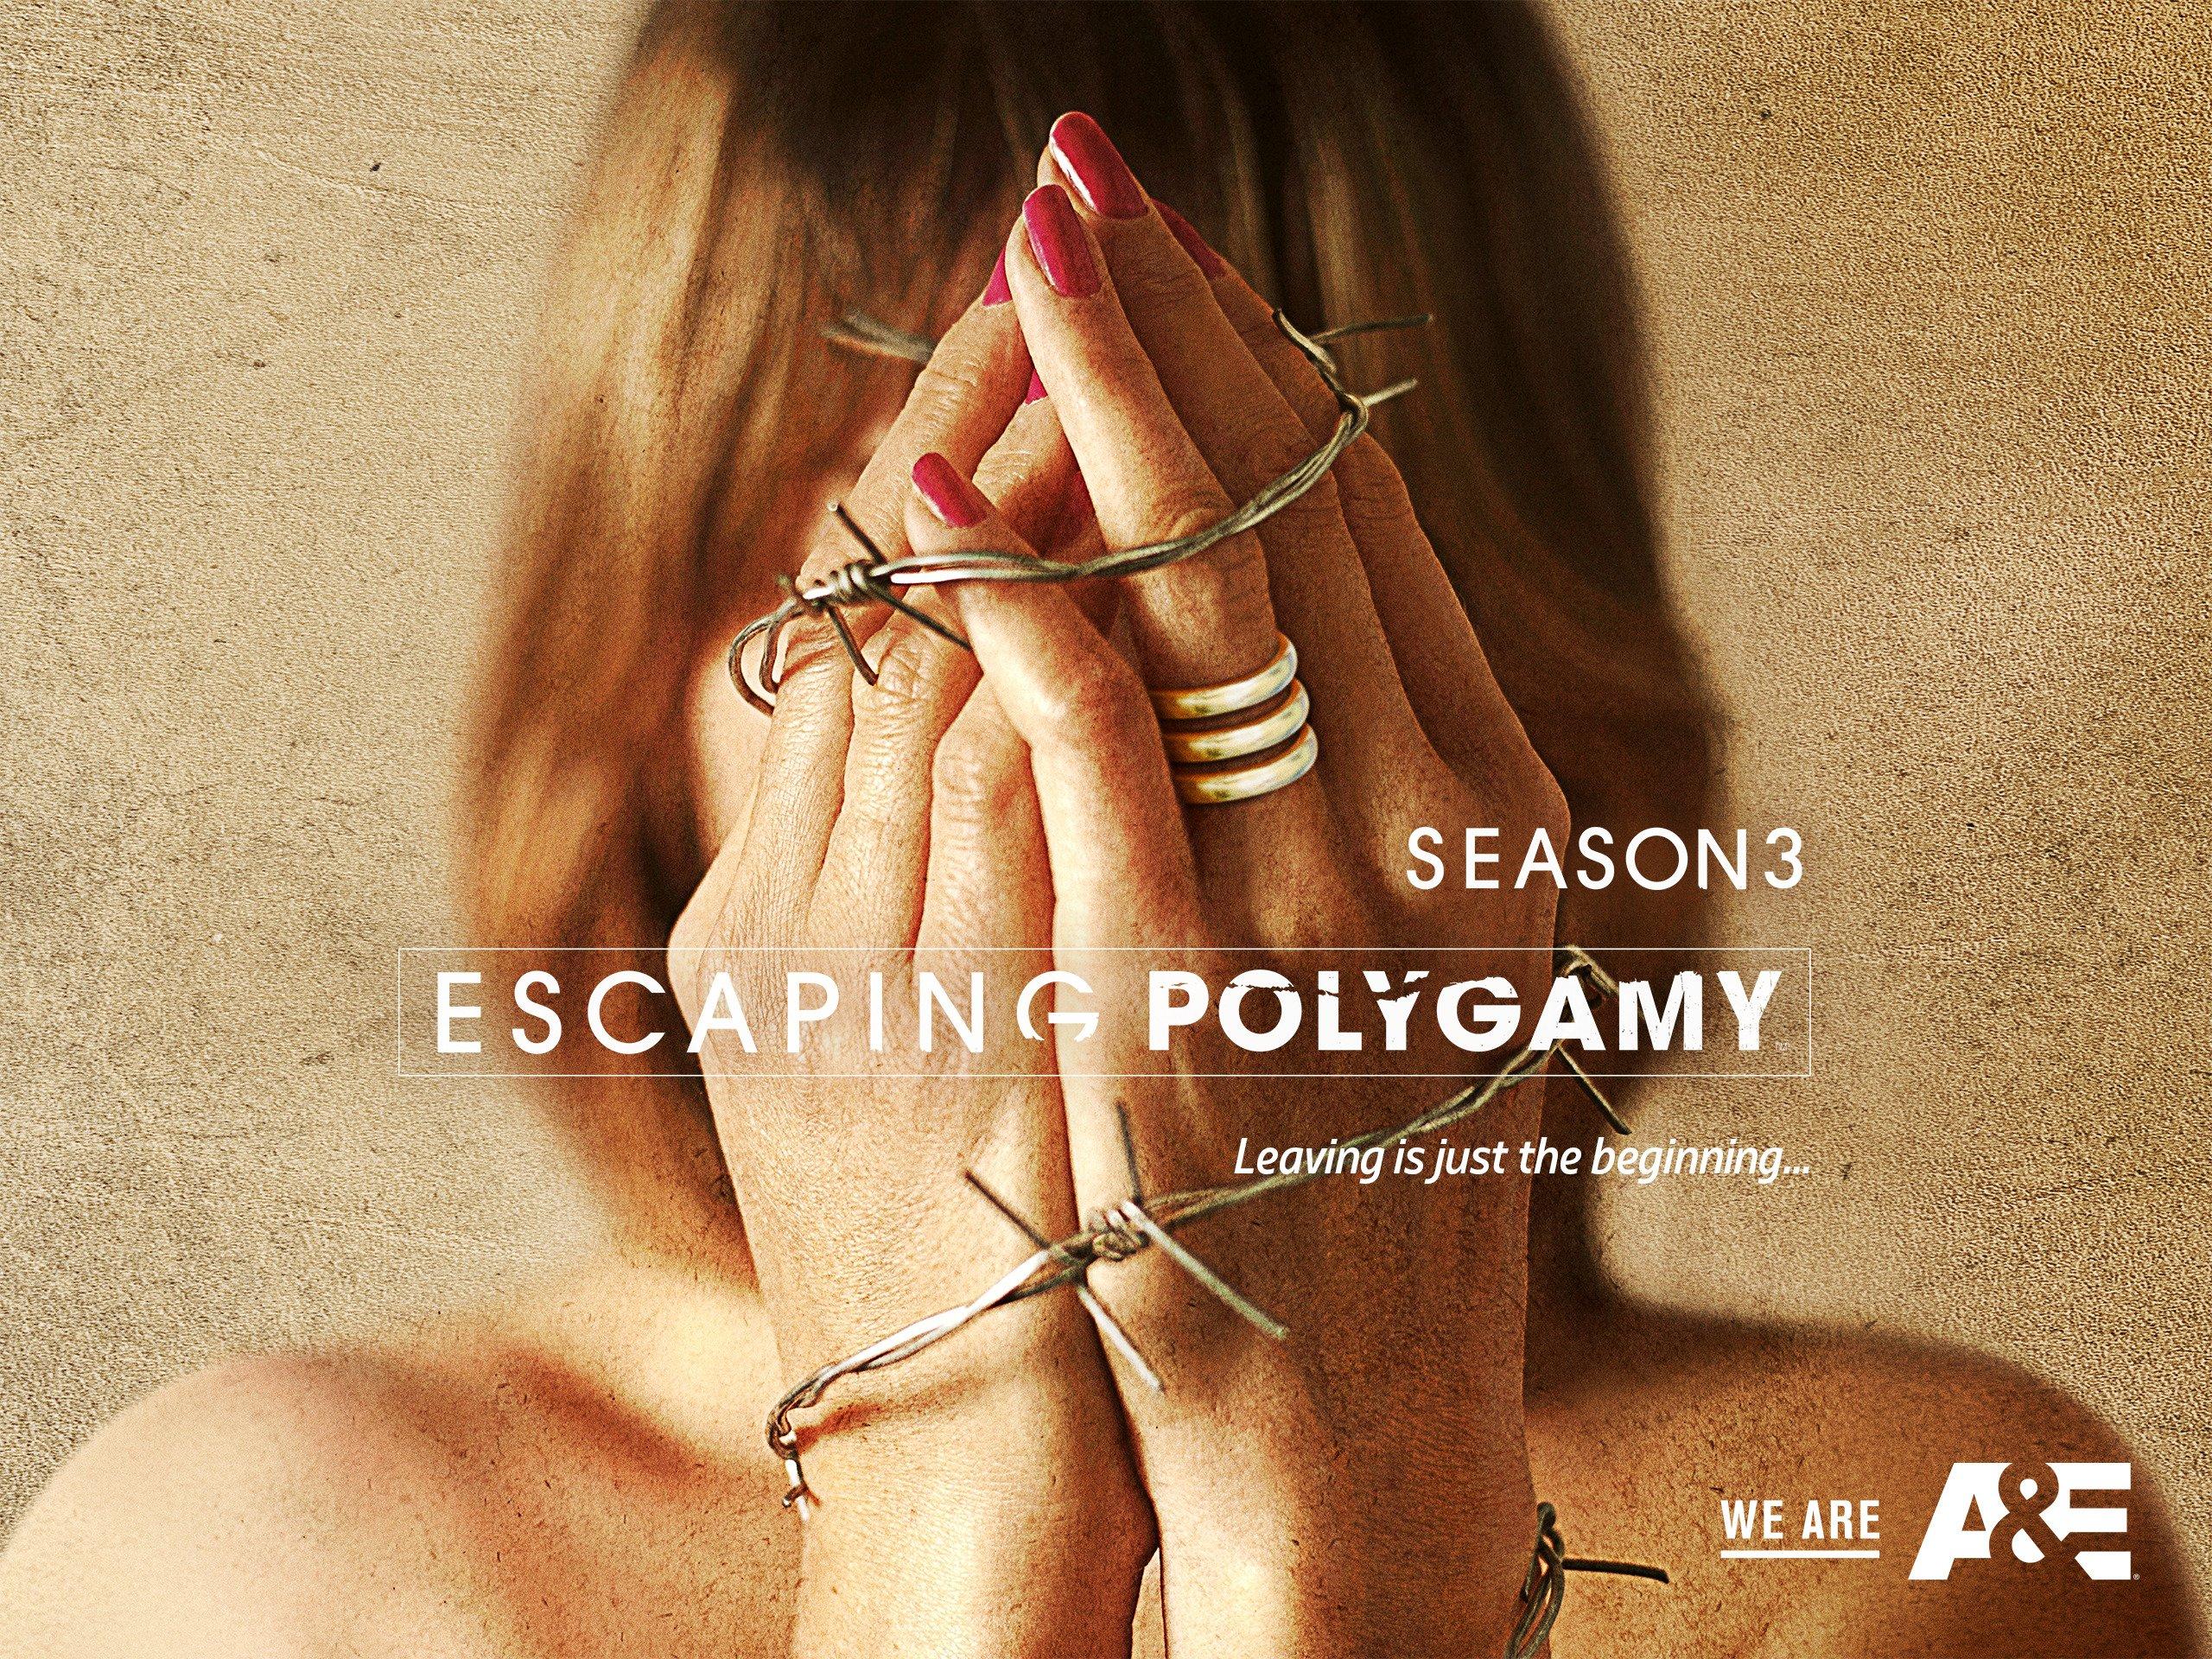 escaping polygamy season 2 episode 4 free